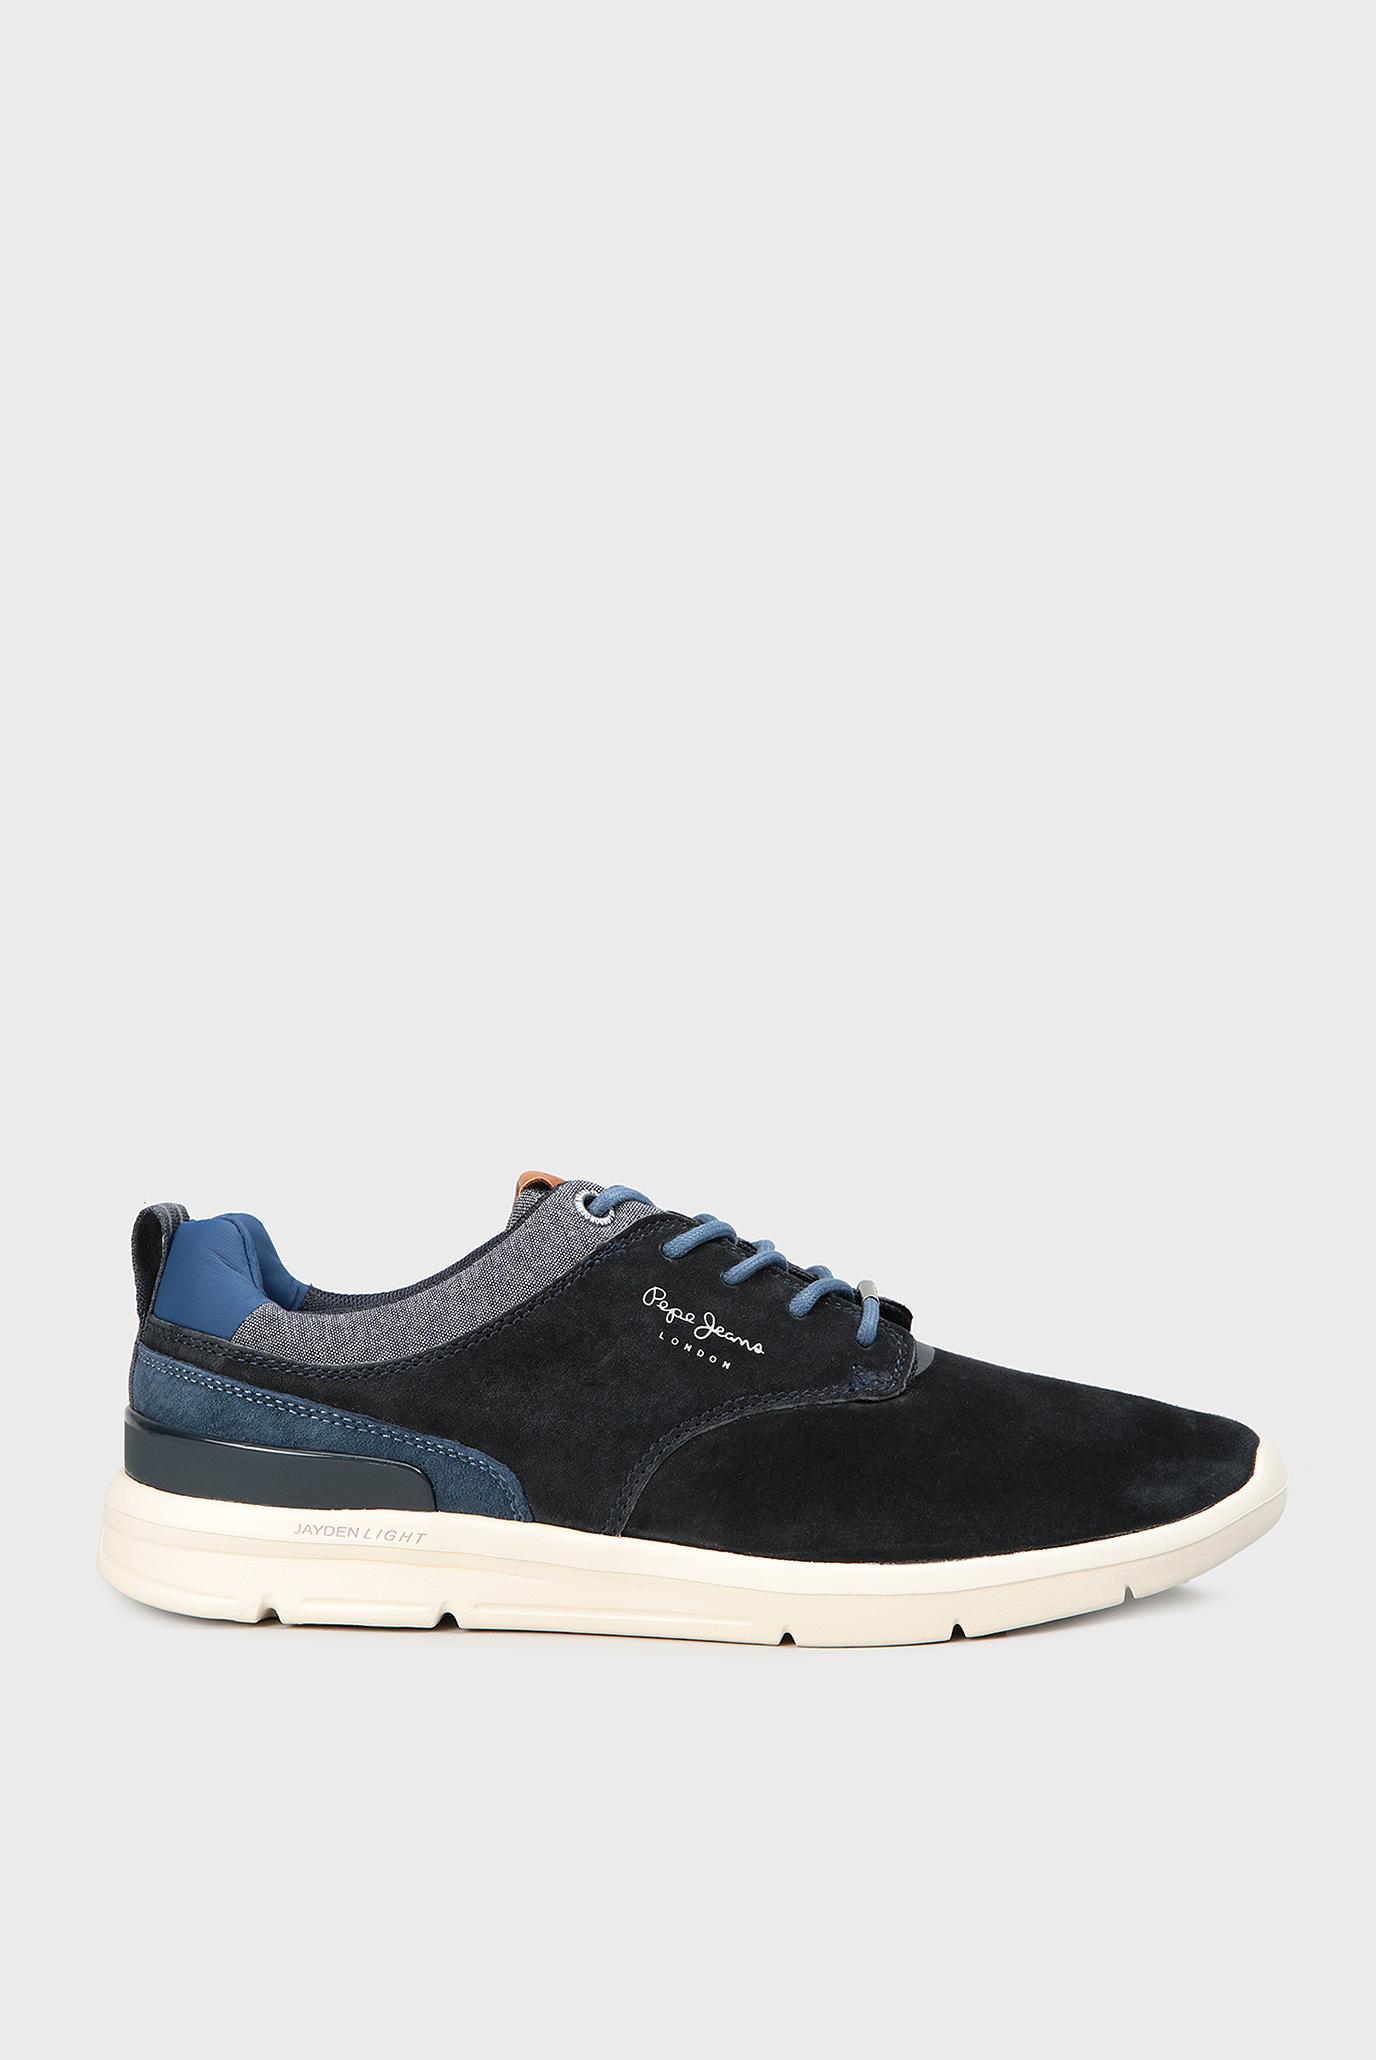 2a37e027ede Купить Мужские темно-синие замшевые кроссовки Pepe Jeans Pepe Jeans PMS30409  – Киев